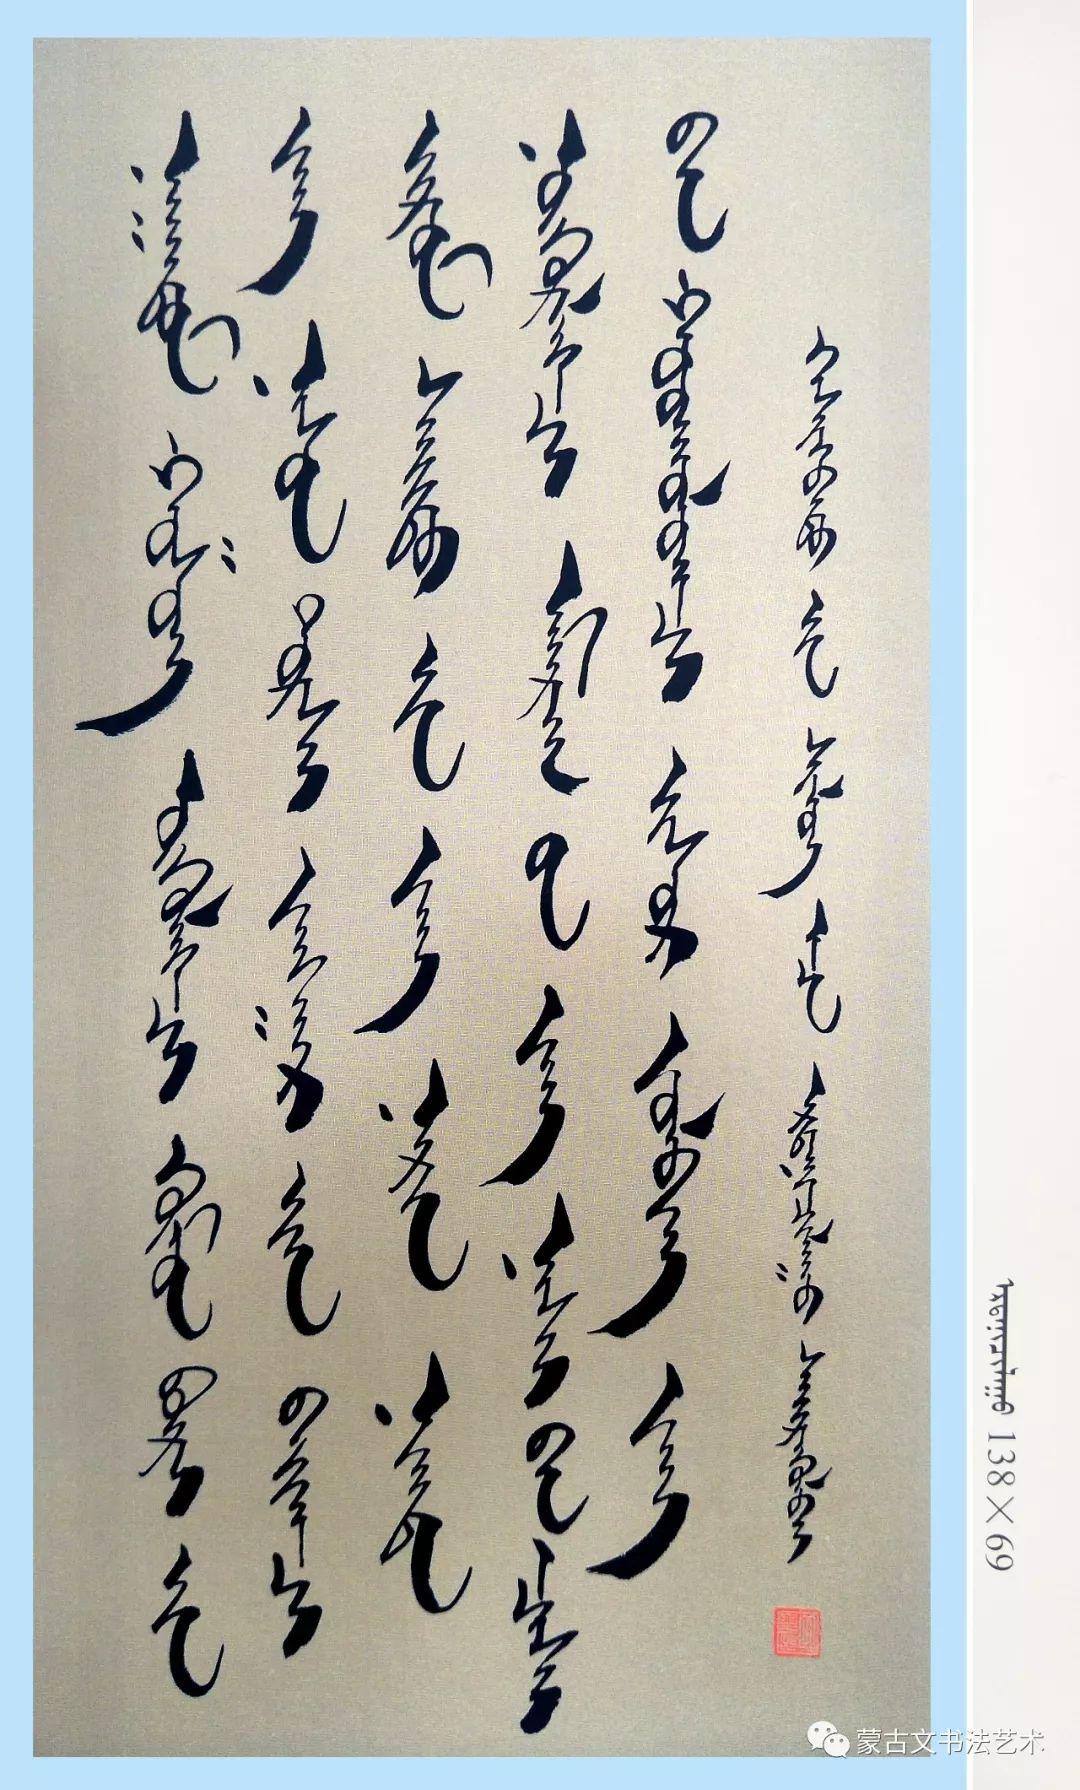 贺希格巴图蒙古文书法大赛作品(一) 第7张